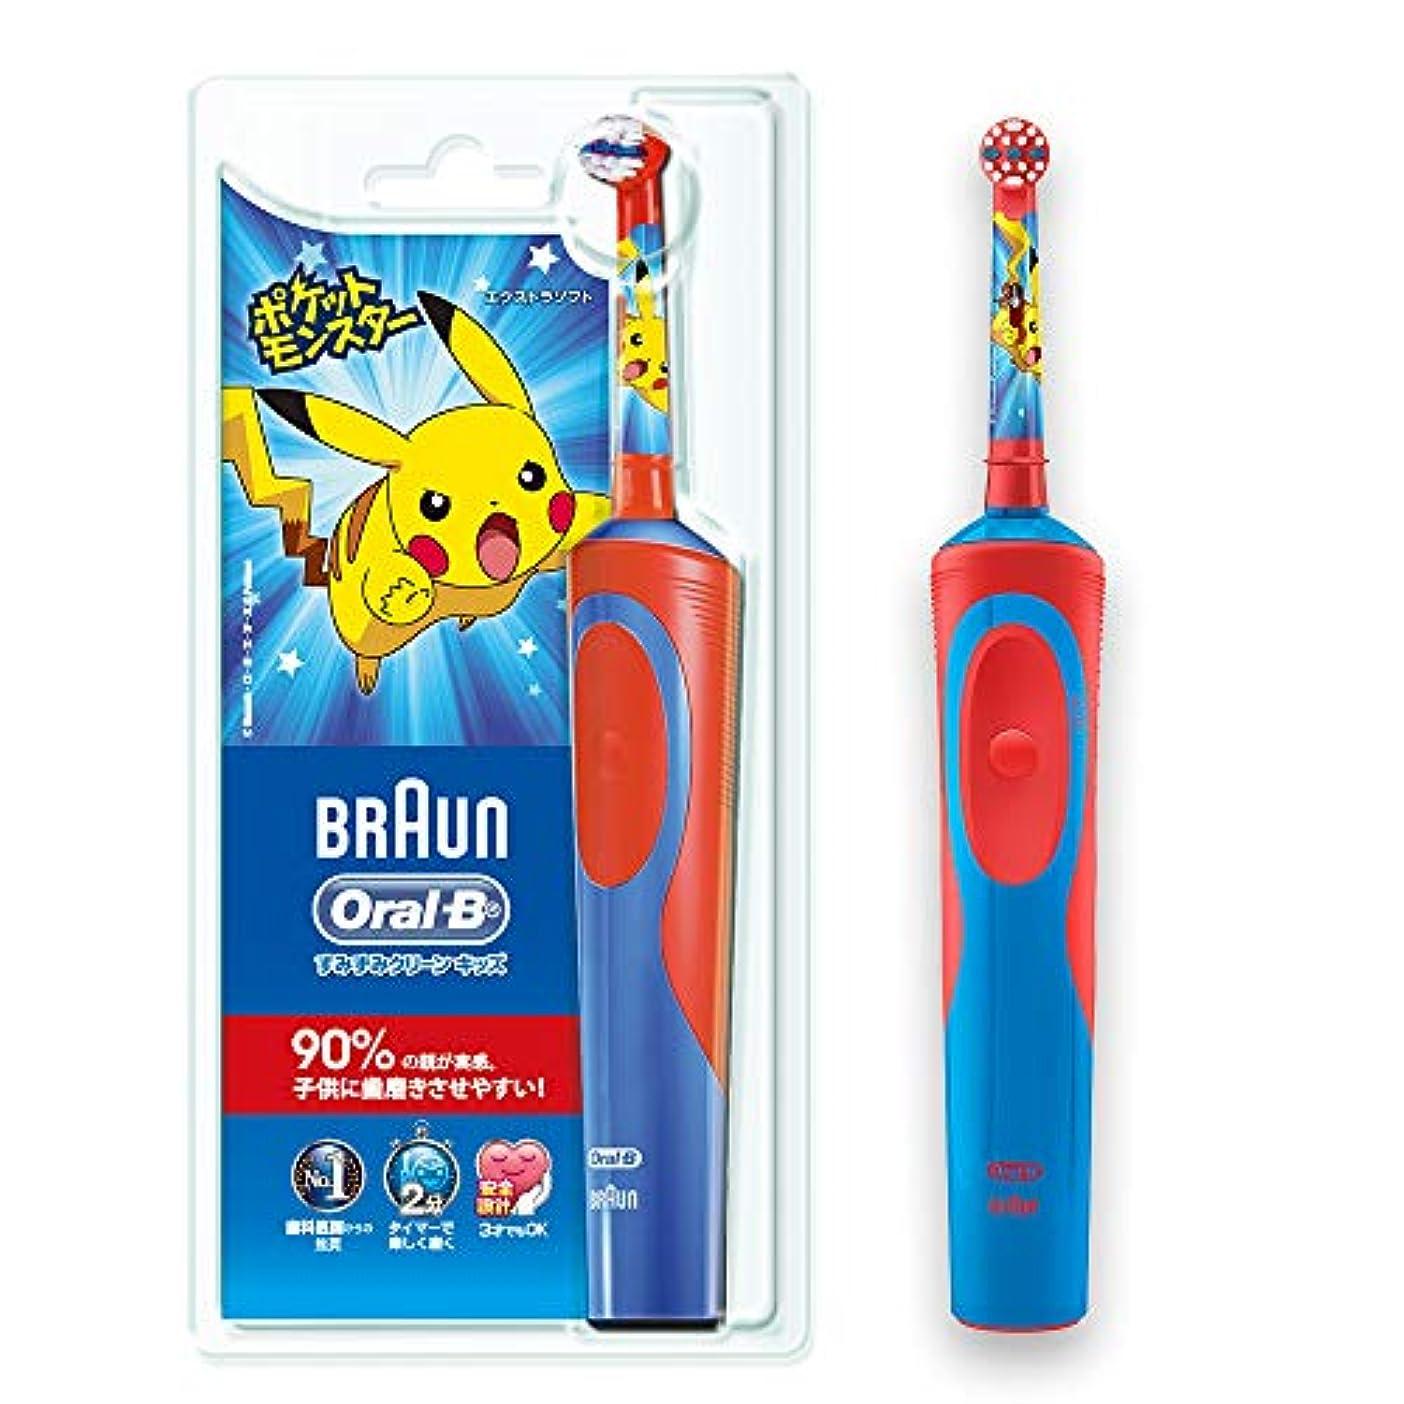 無傷受ける一般的にブラウン オーラルB 電動歯ブラシ 子供用 D12513KPKMB すみずみクリーンキッズ 本体 レッド ポケモン 歯ブラシ